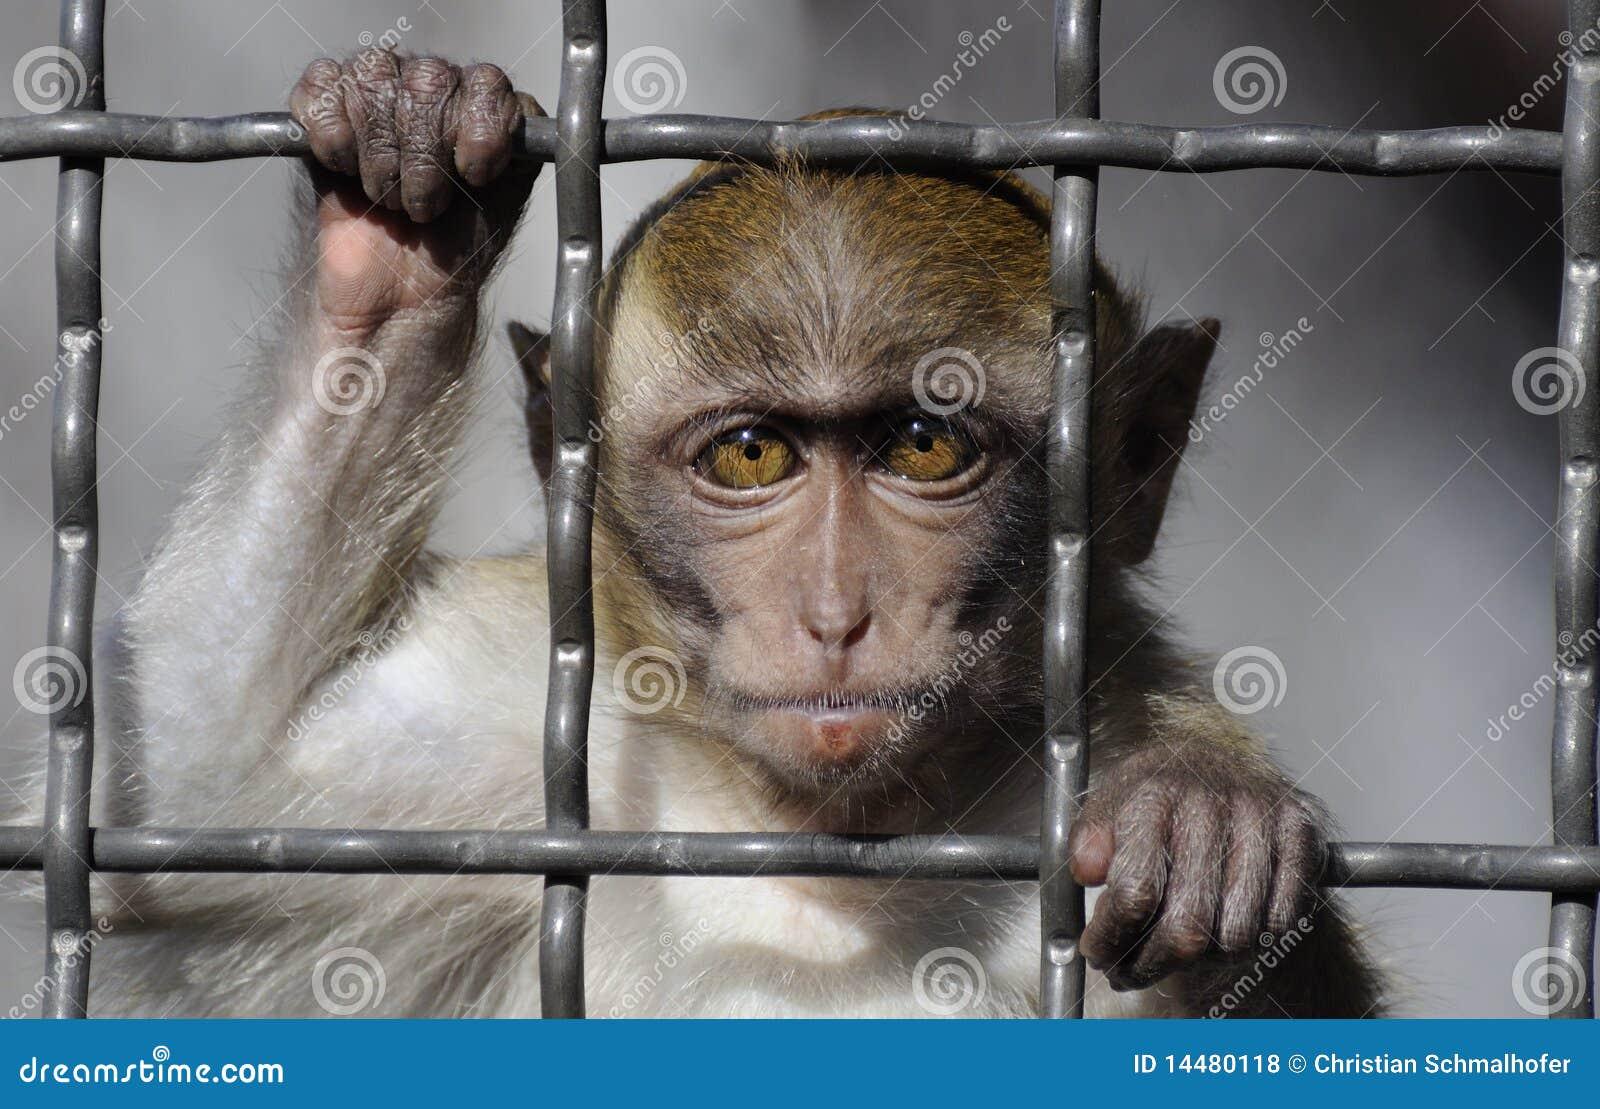 Cangrejo-consumición del Macaque detrás de barras